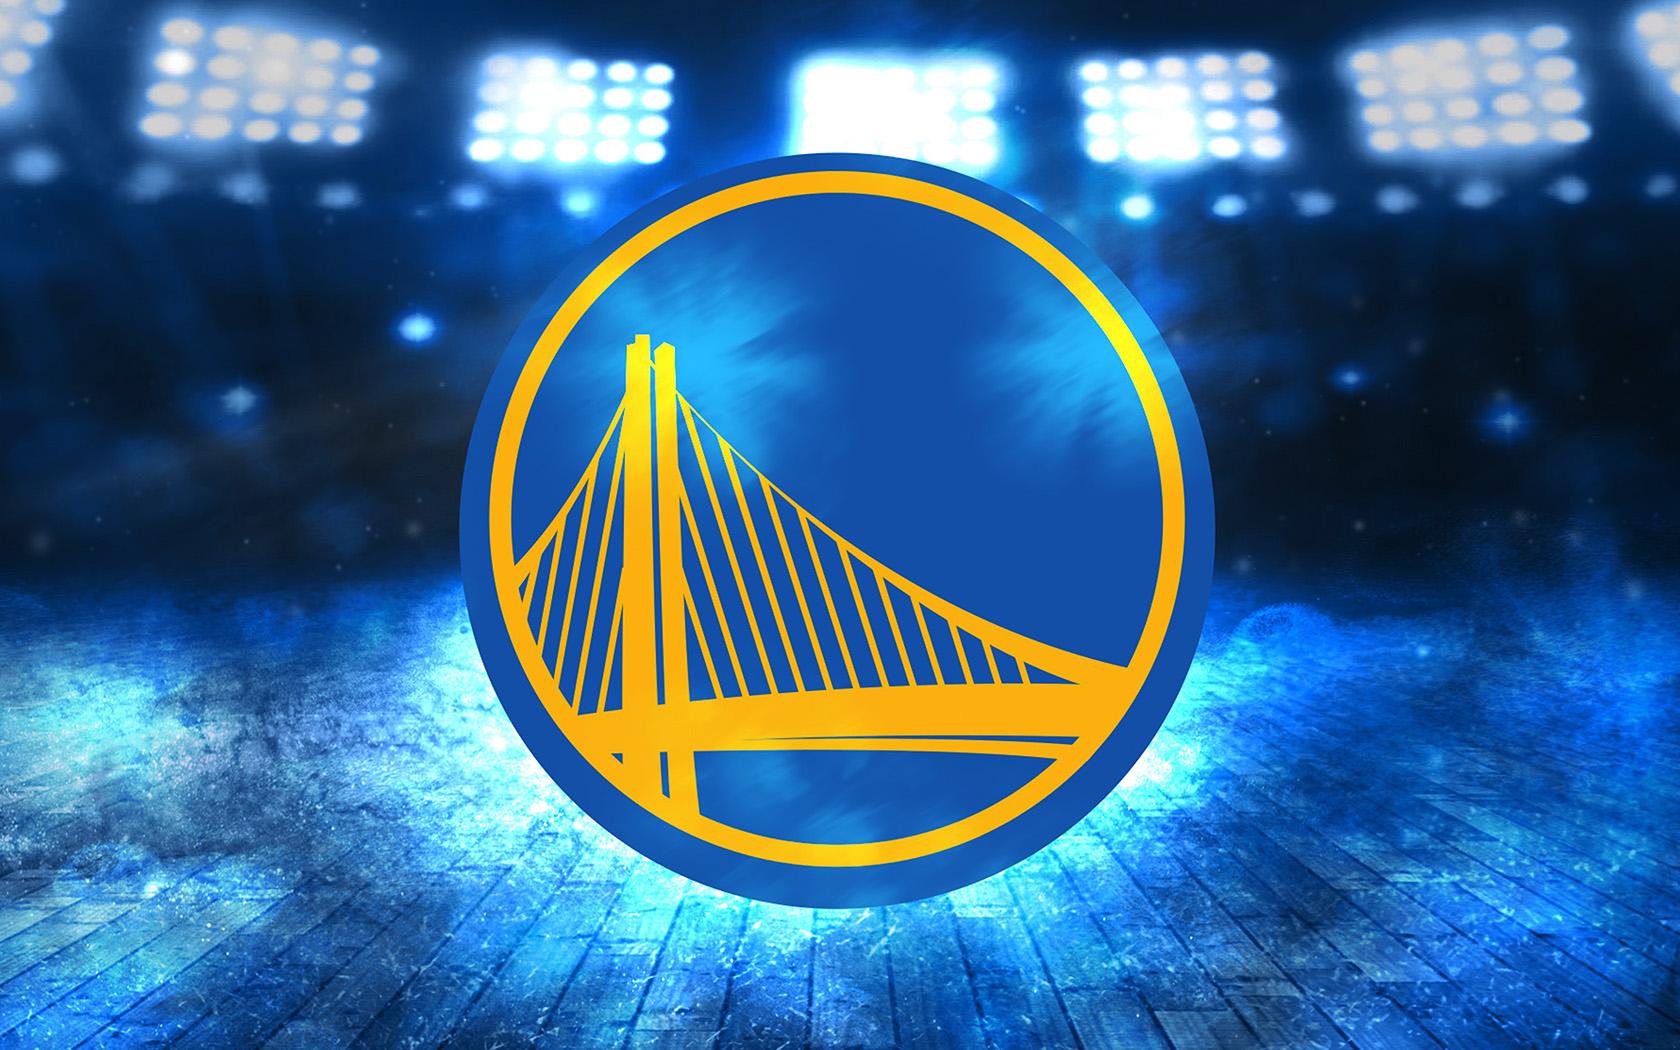 ar86-golden-state-warriors-logo-nba-sports-art ...